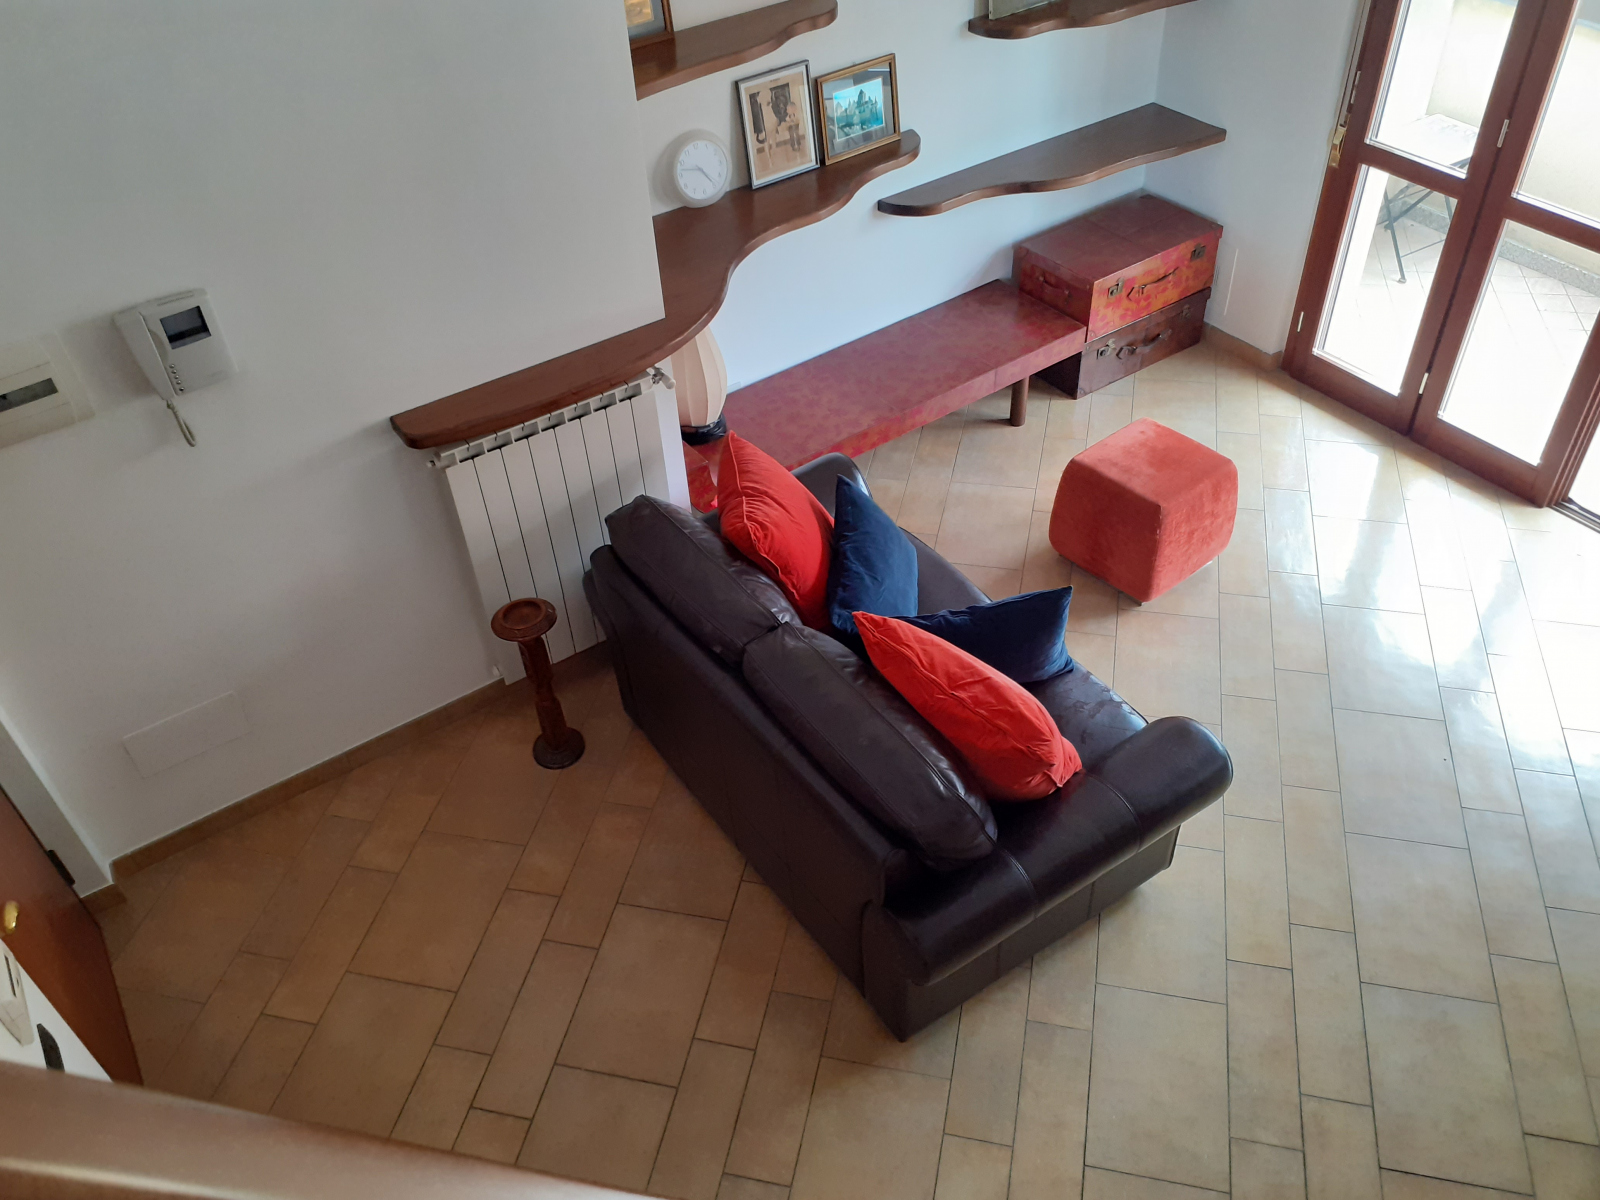 appartamento-in-vendita-bareggio-2-locali-bilocale-spaziourbano-immobiliare-vende-14